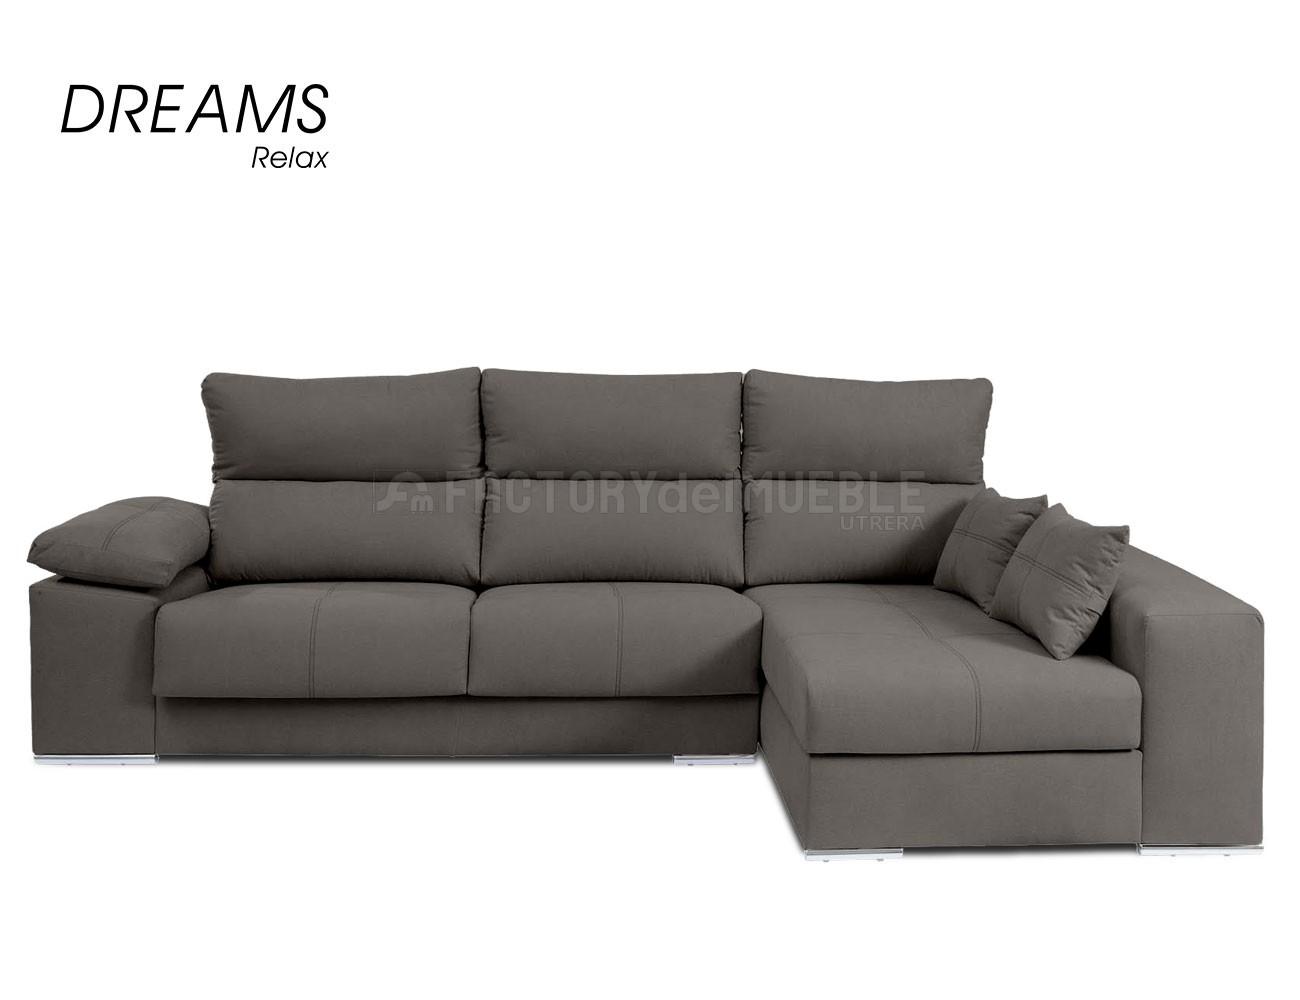 Sofa roma promocion